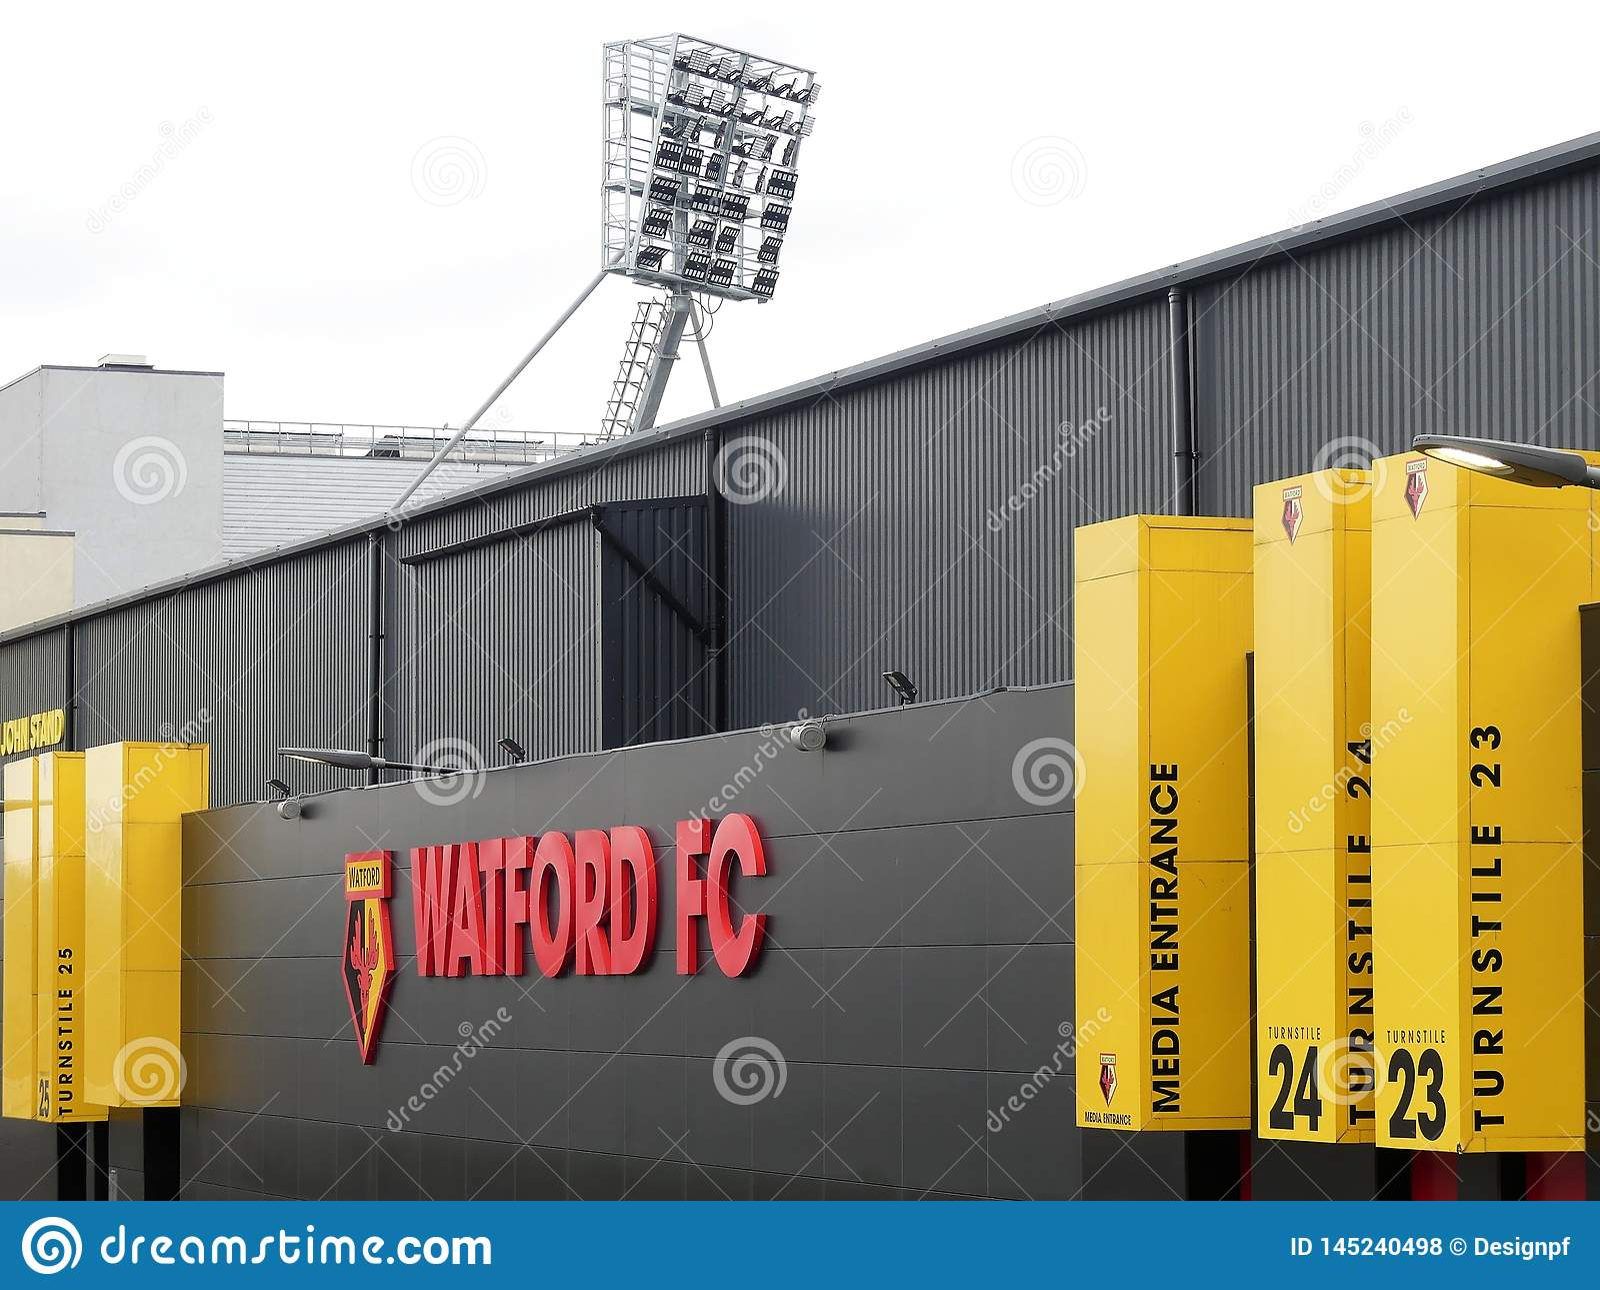 Seitenwand des Watford-Fußball-Vereinstadions, Besetzungs-Straße, Watford